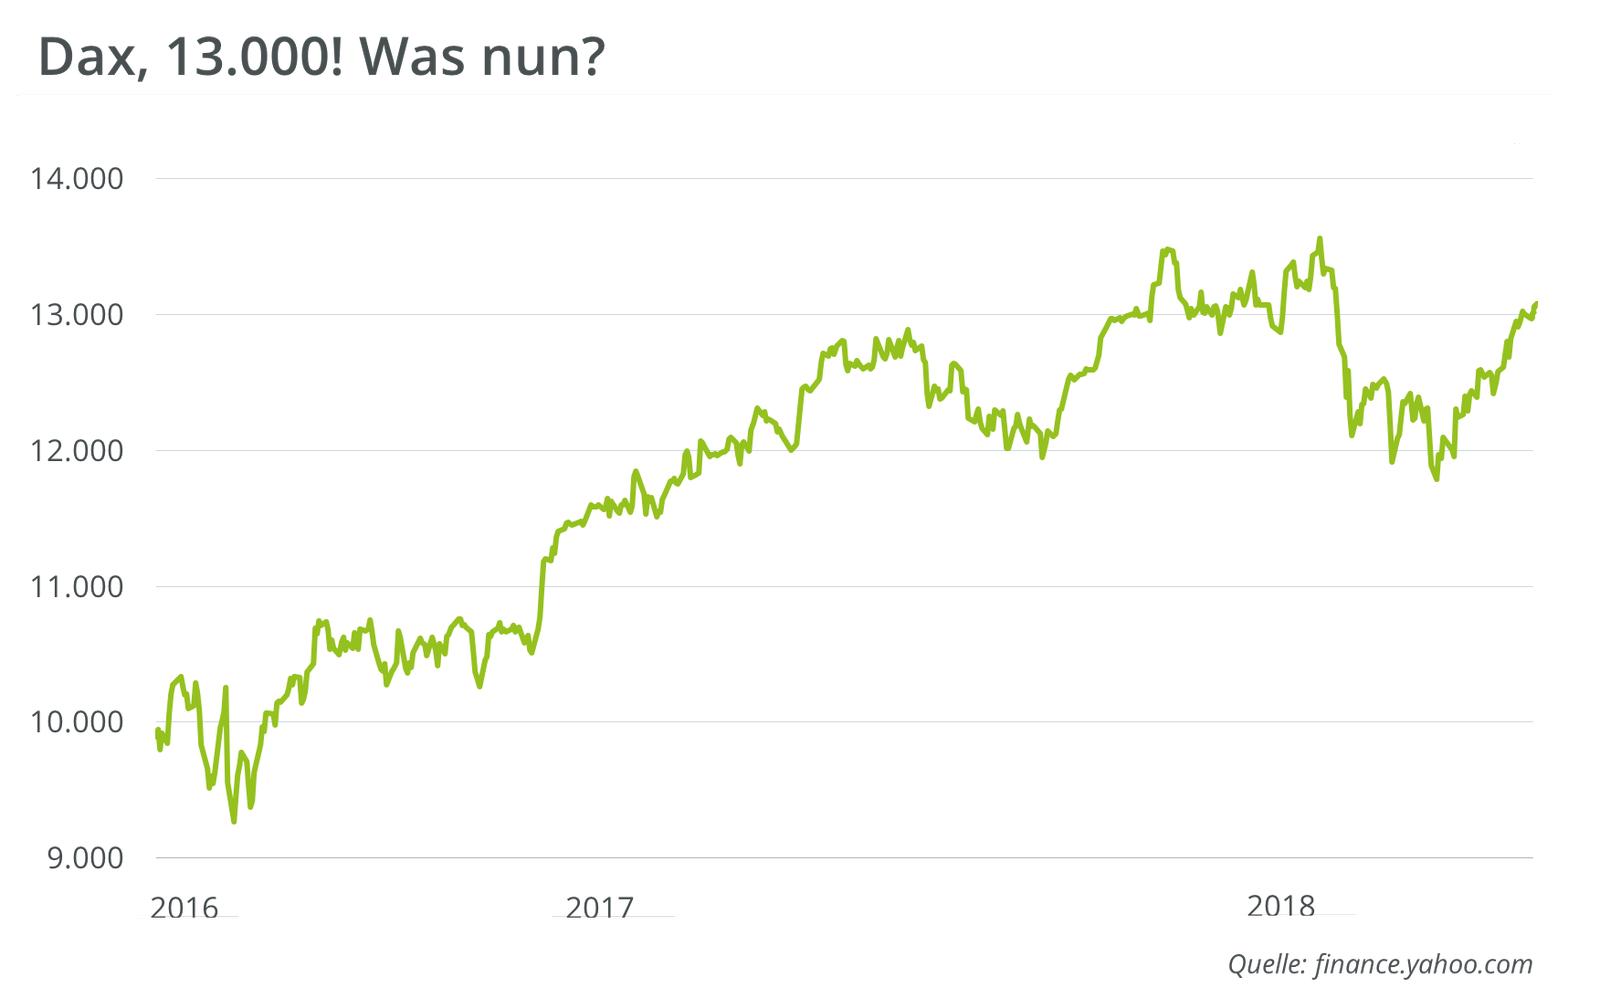 dax-index-stand-13000-mai-2018